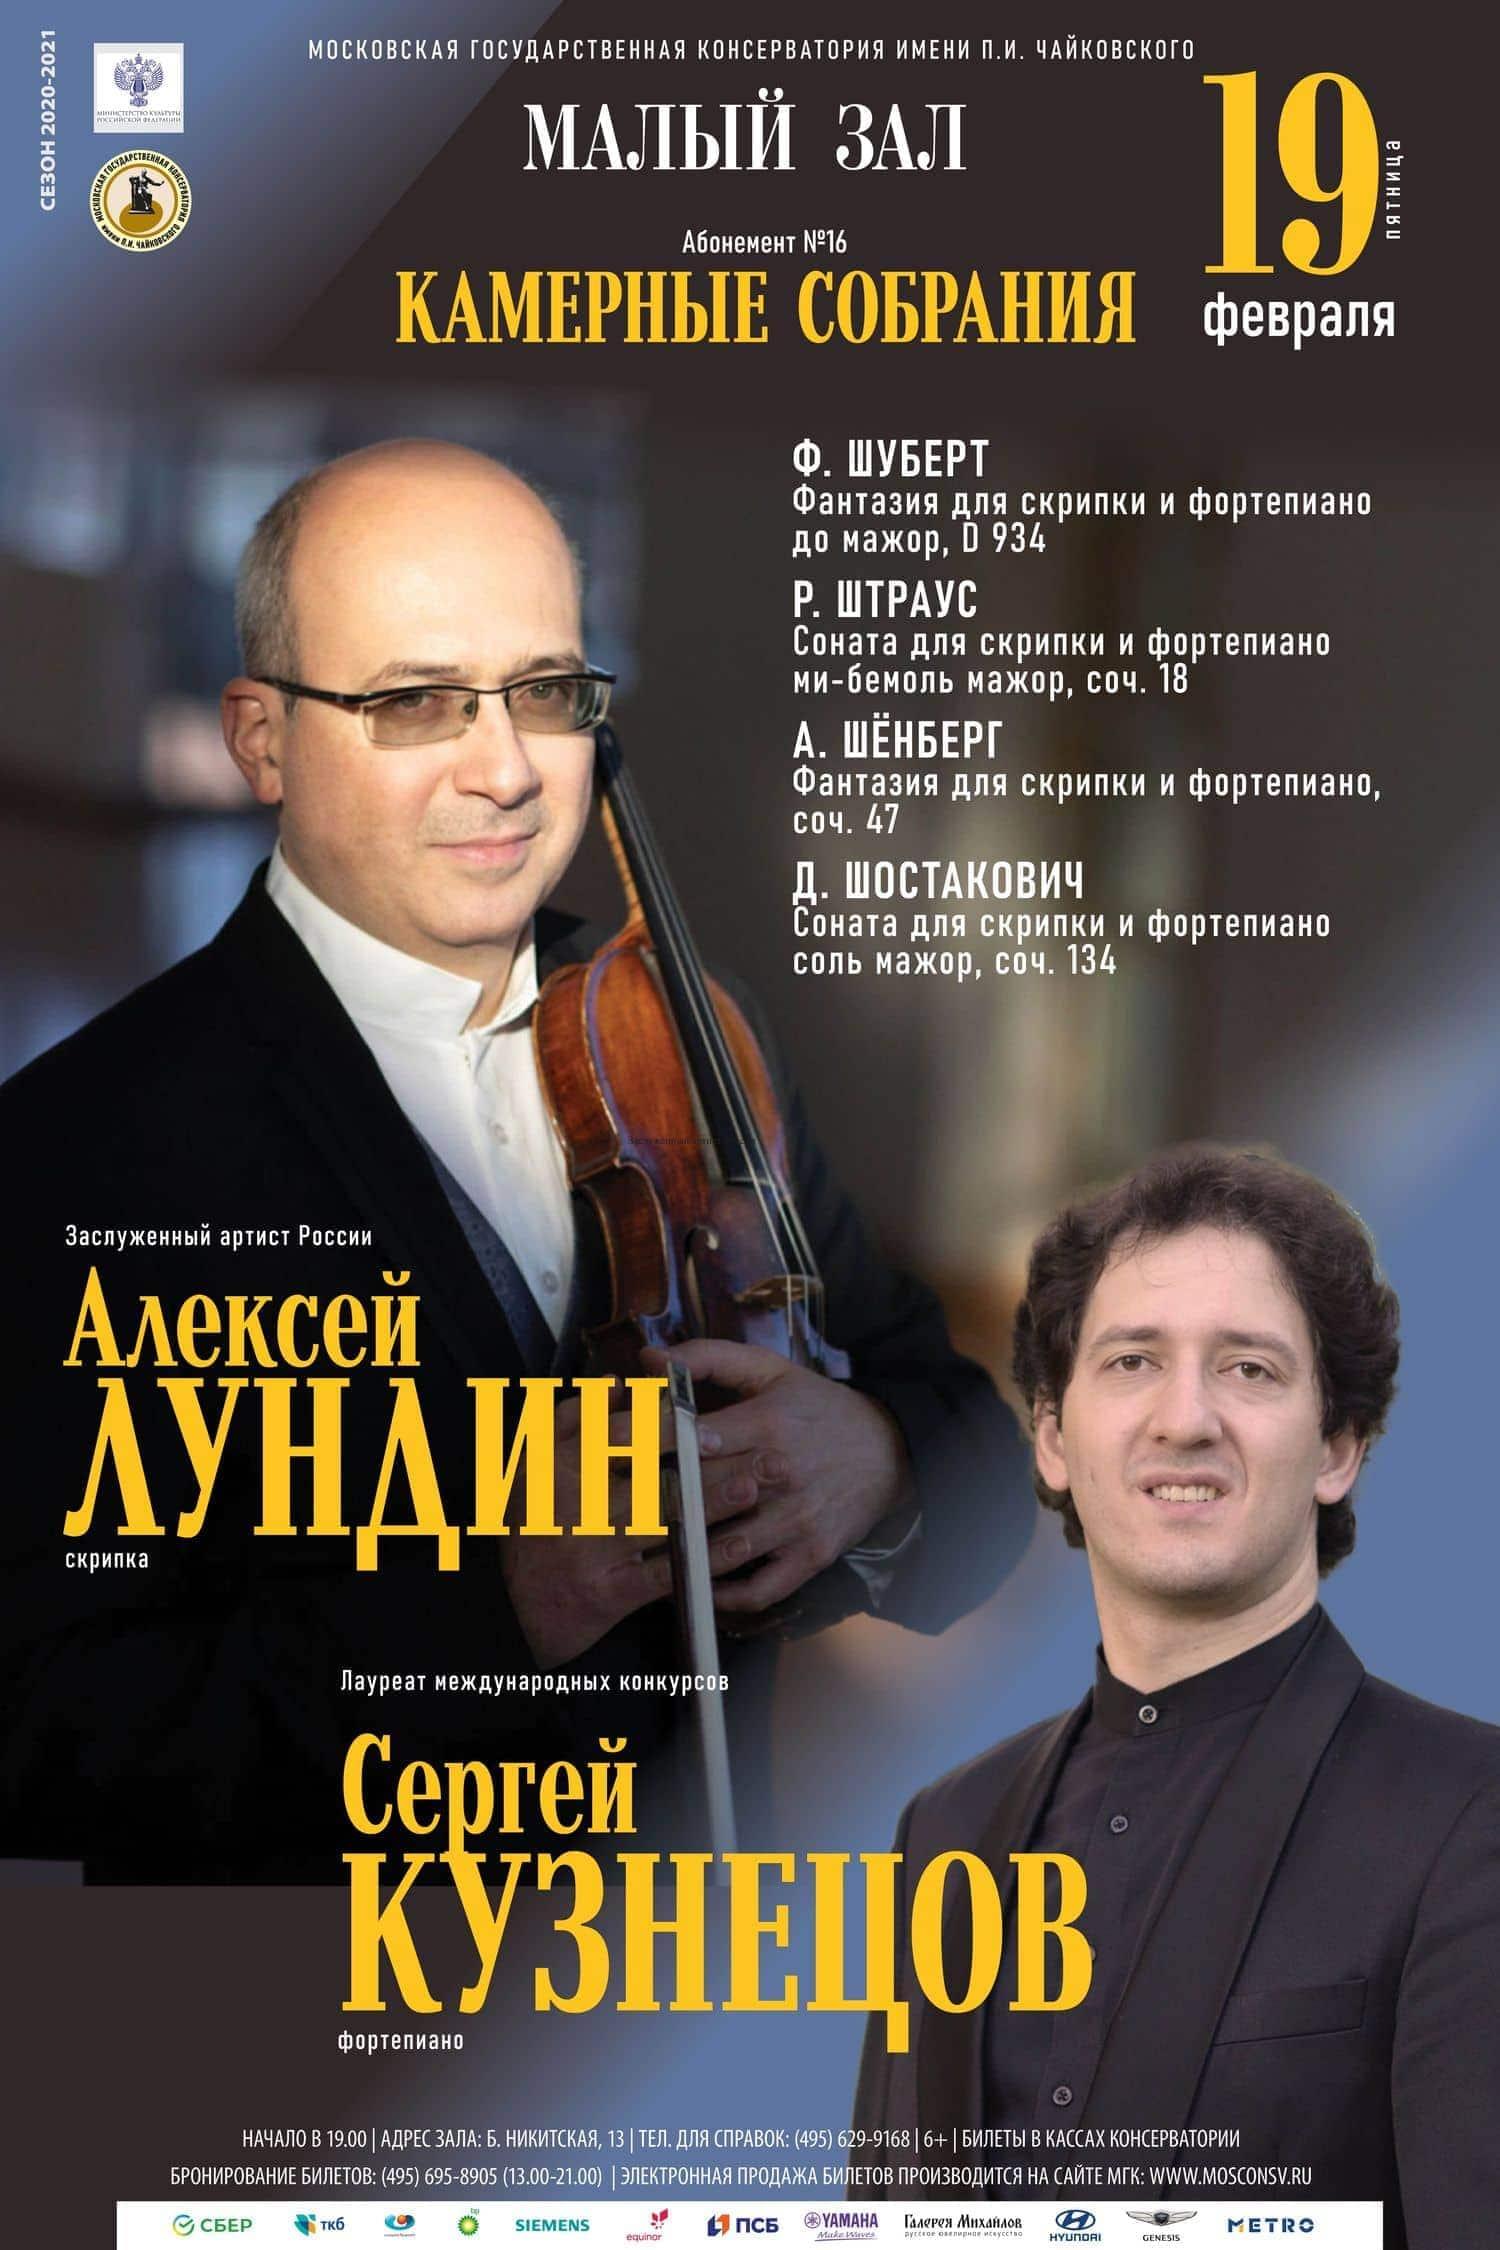 Алексей Лундин и Сергей Кузнецов выступят в Малом зале МГК